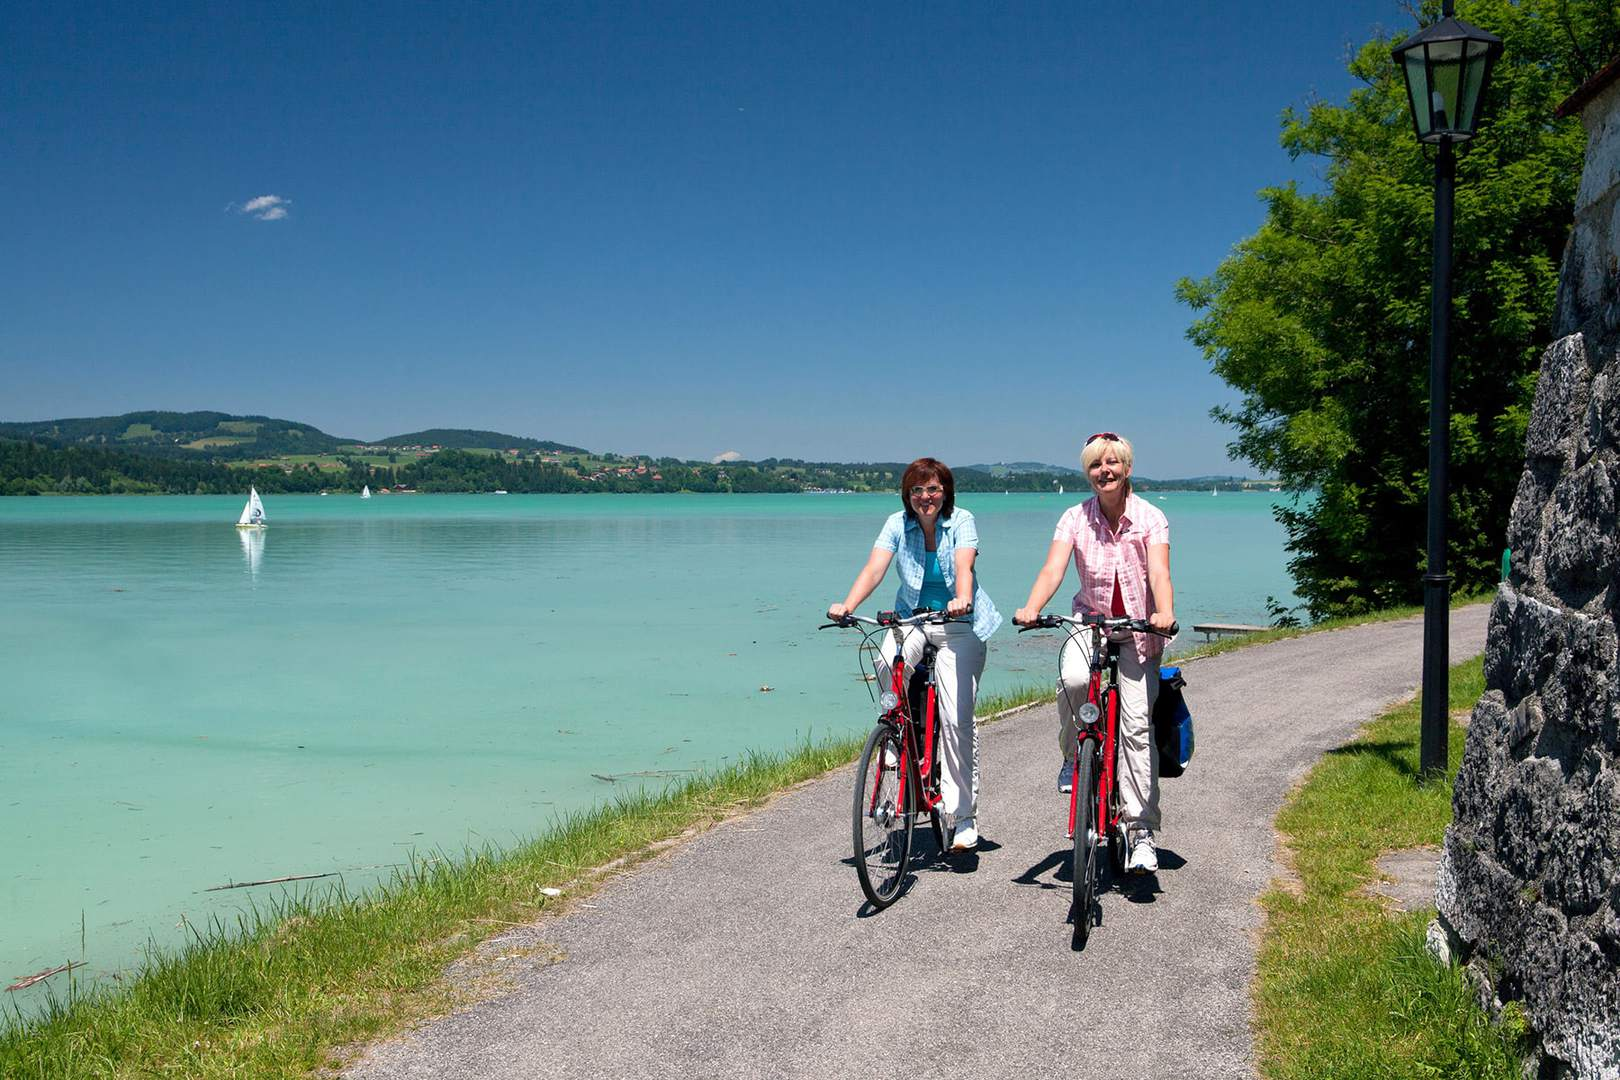 Radtour von München zum Bodensee in Bayern und Allgäu